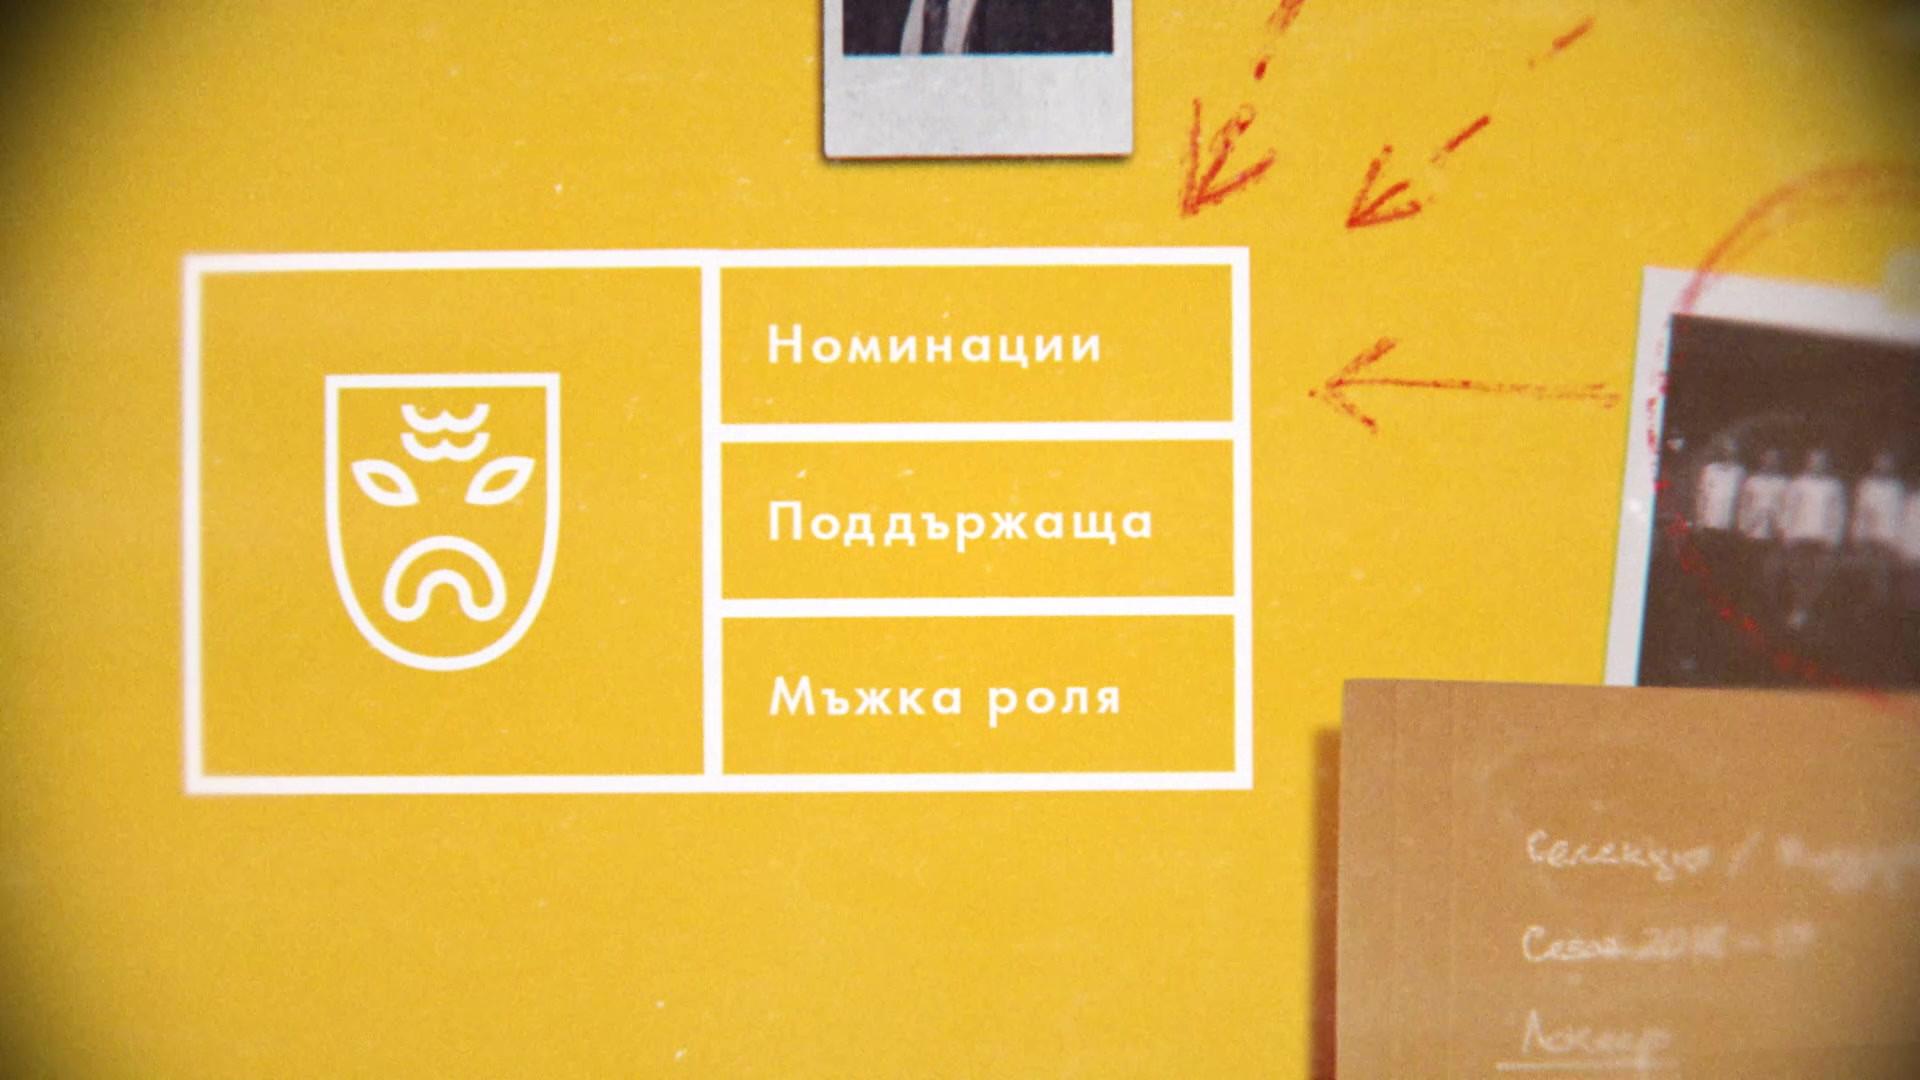 Nom_Poddurjashta_Rolq_Muje_WEB_HD_HQ.mp4